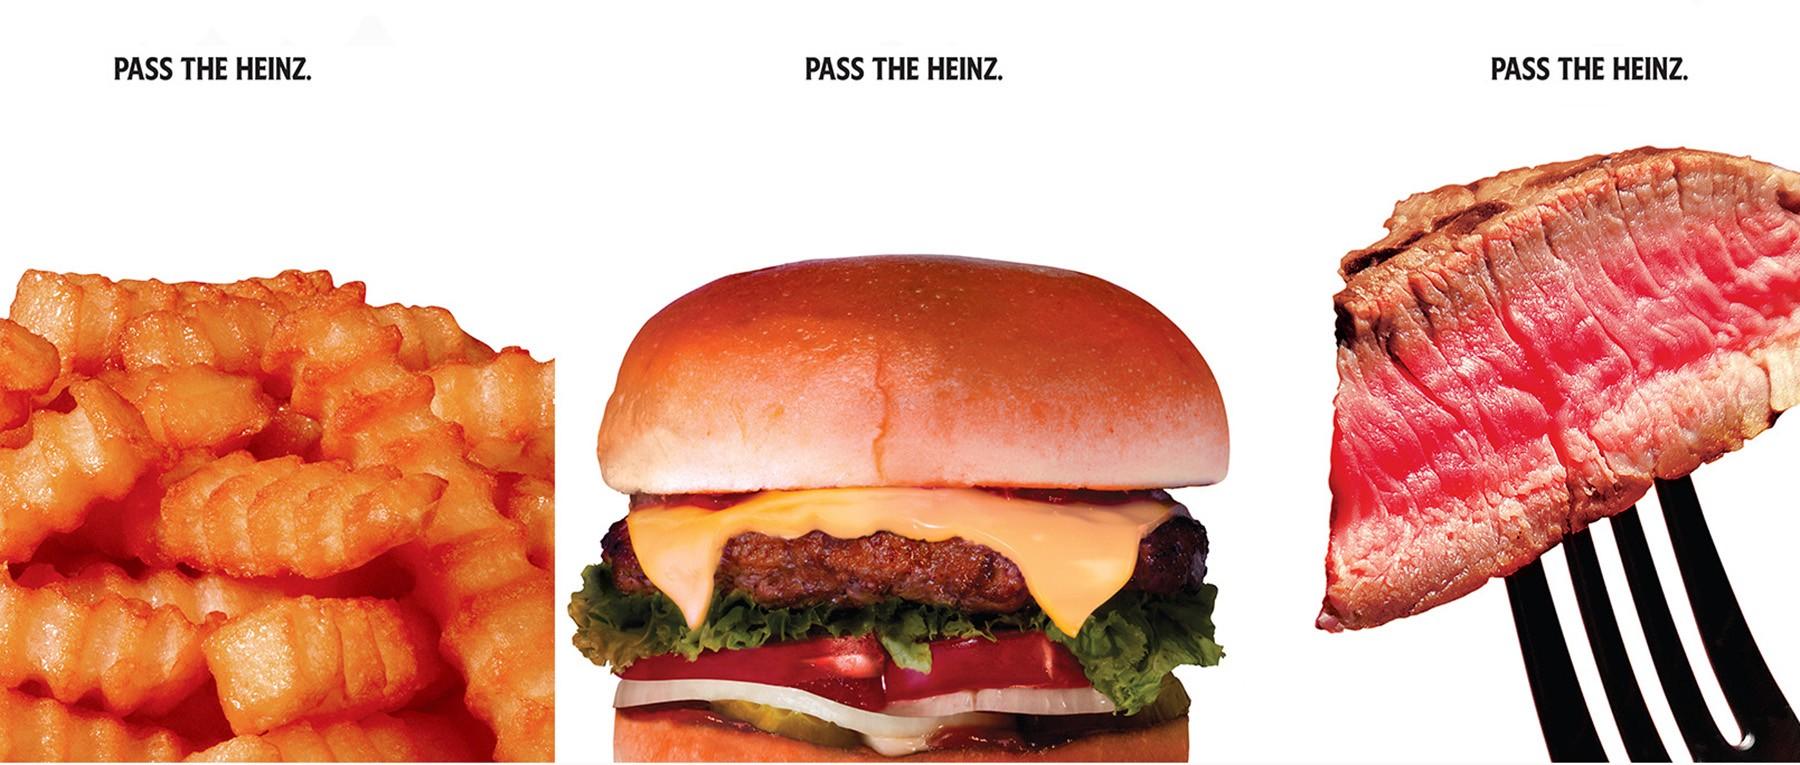 pass-the-heinz-ads.jpg